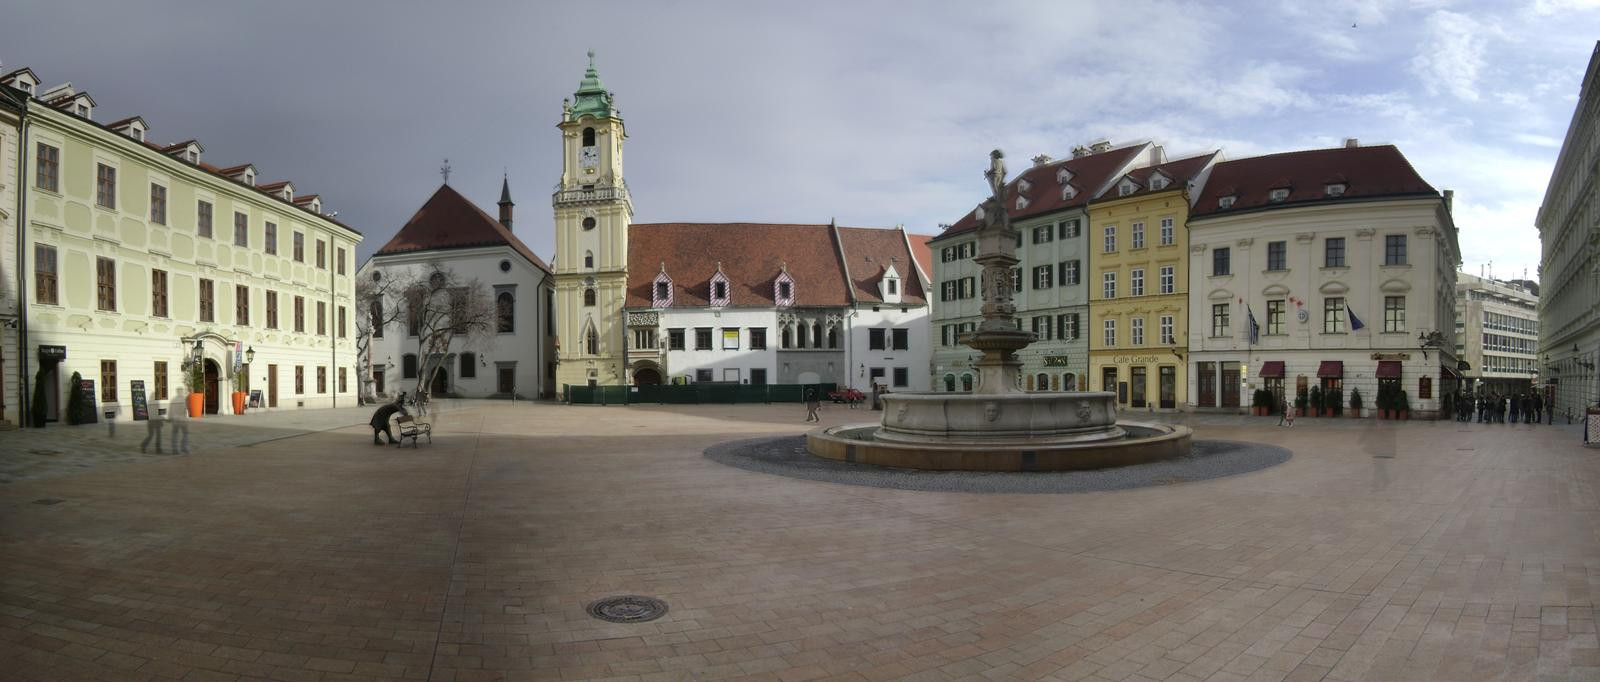 La piazza Principale